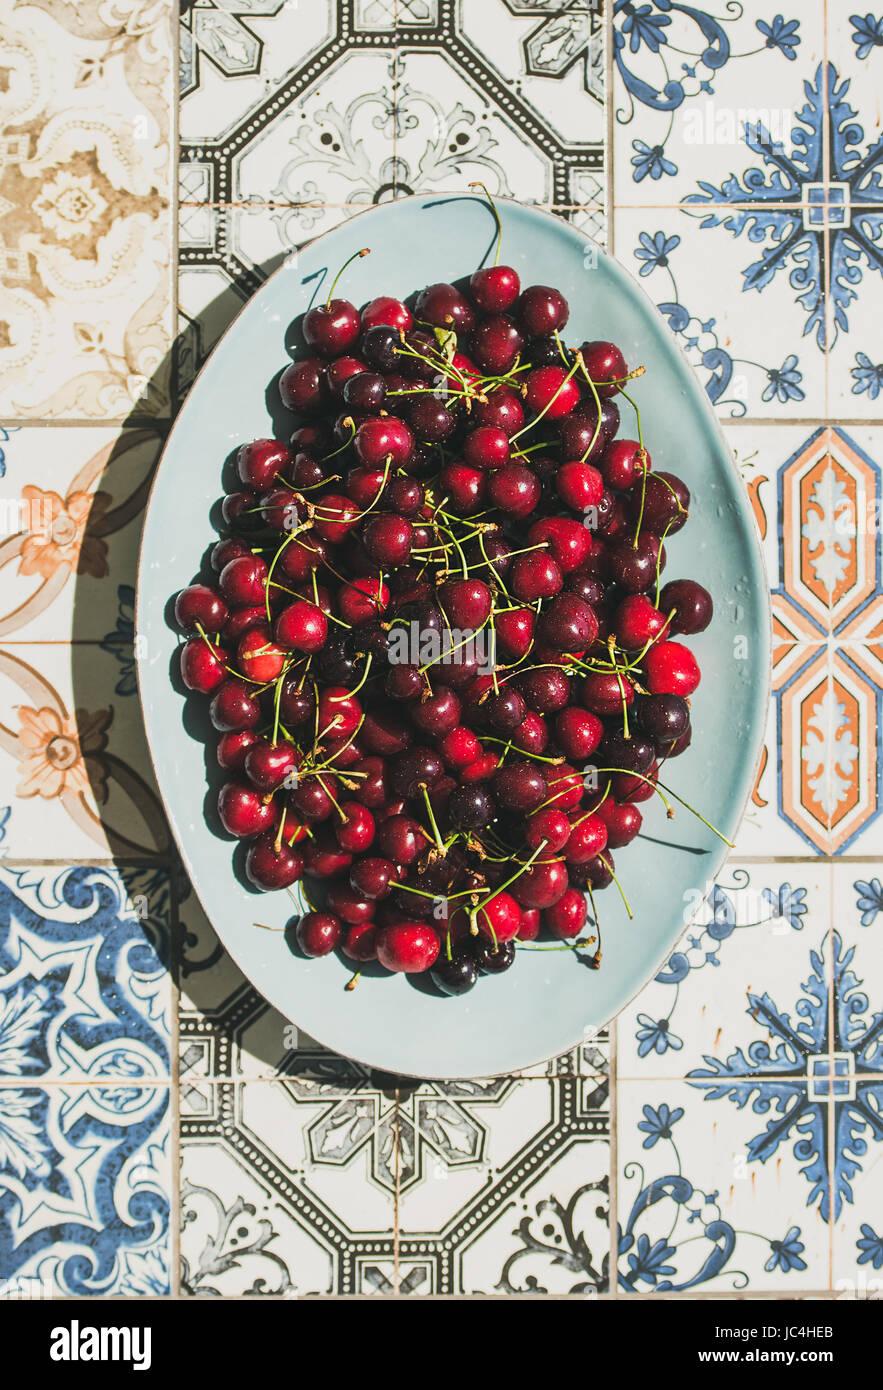 Las cerezas dulces frescas sobre baldosas cerámicas orientales antecedentes, vista superior Imagen De Stock